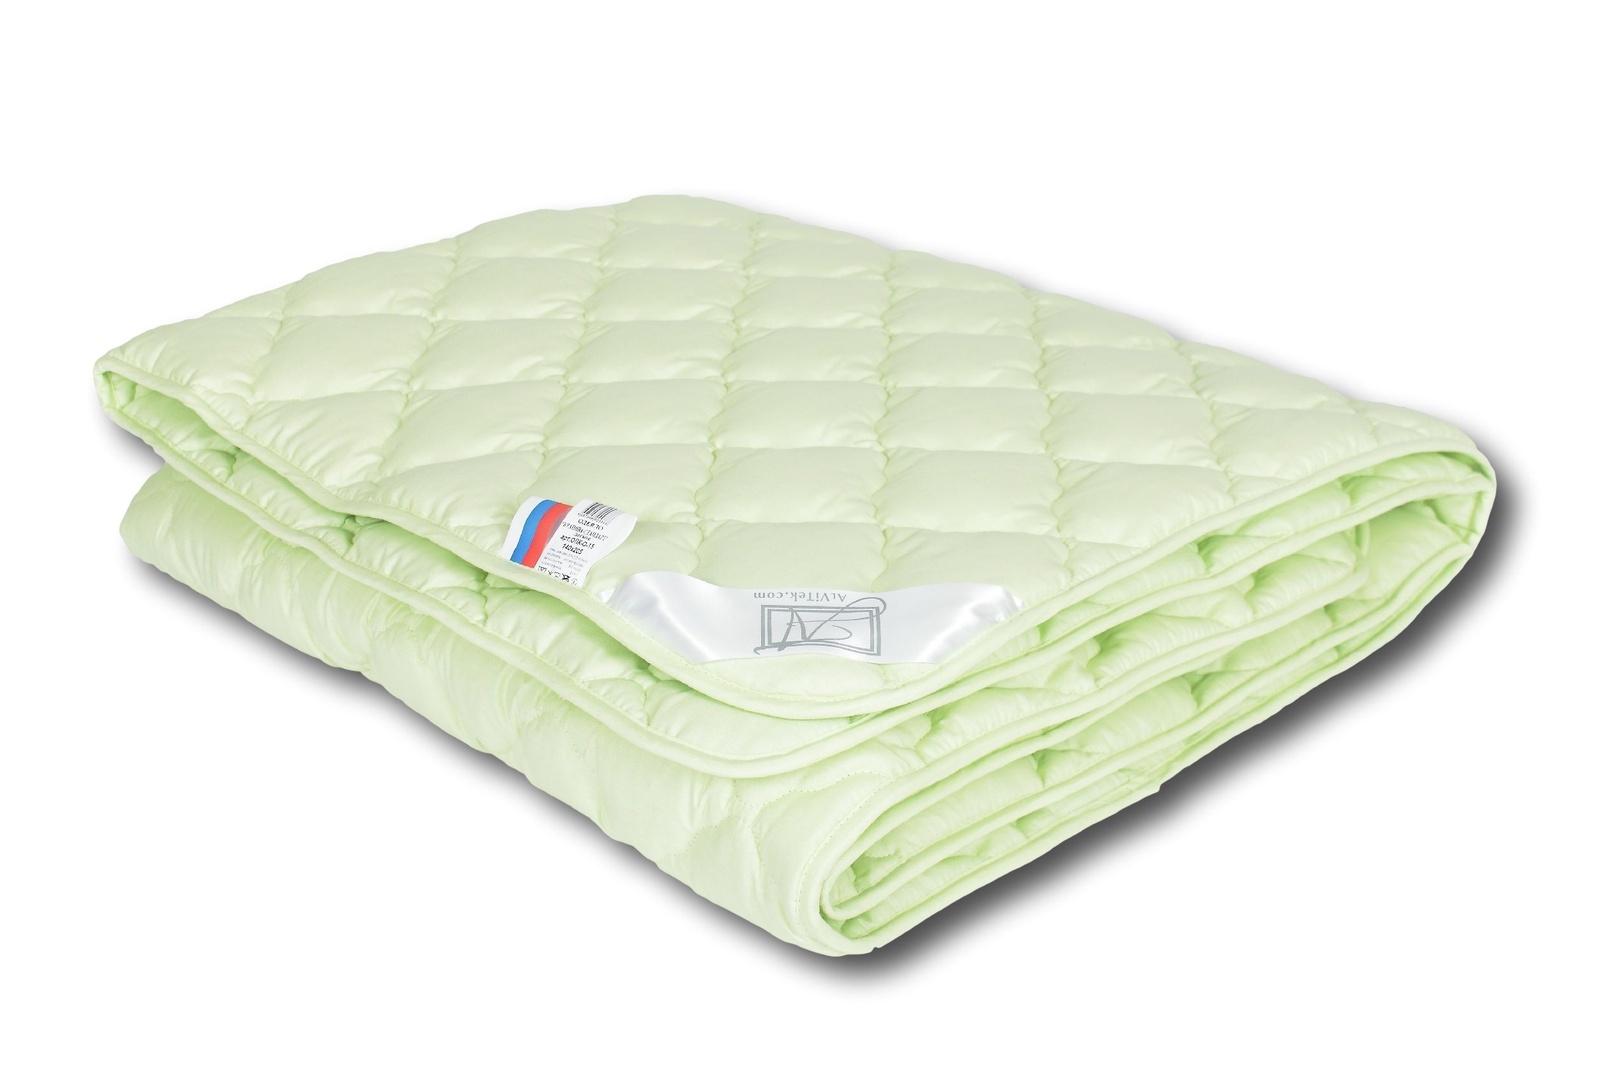 цена Одеяло детское Dream time уникальный, ДТ-ОПК-Д-О-10 онлайн в 2017 году